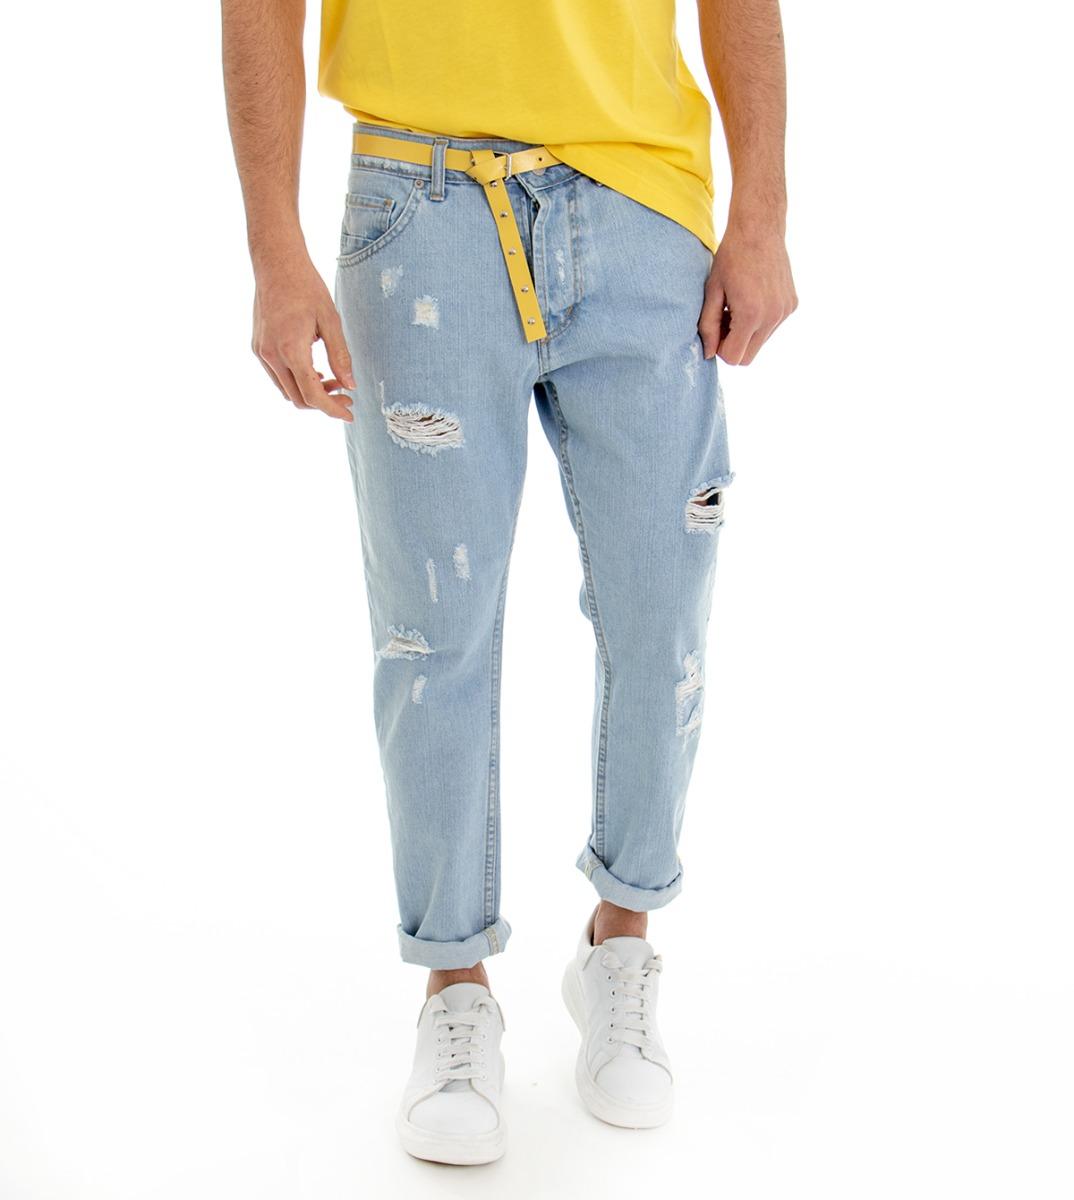 Pantalone-Denim-Chiaro-Uomo-Jeans-Cinque-Tasche-Con-Rotture-MOD-Cotone-GIOSAL miniatura 12